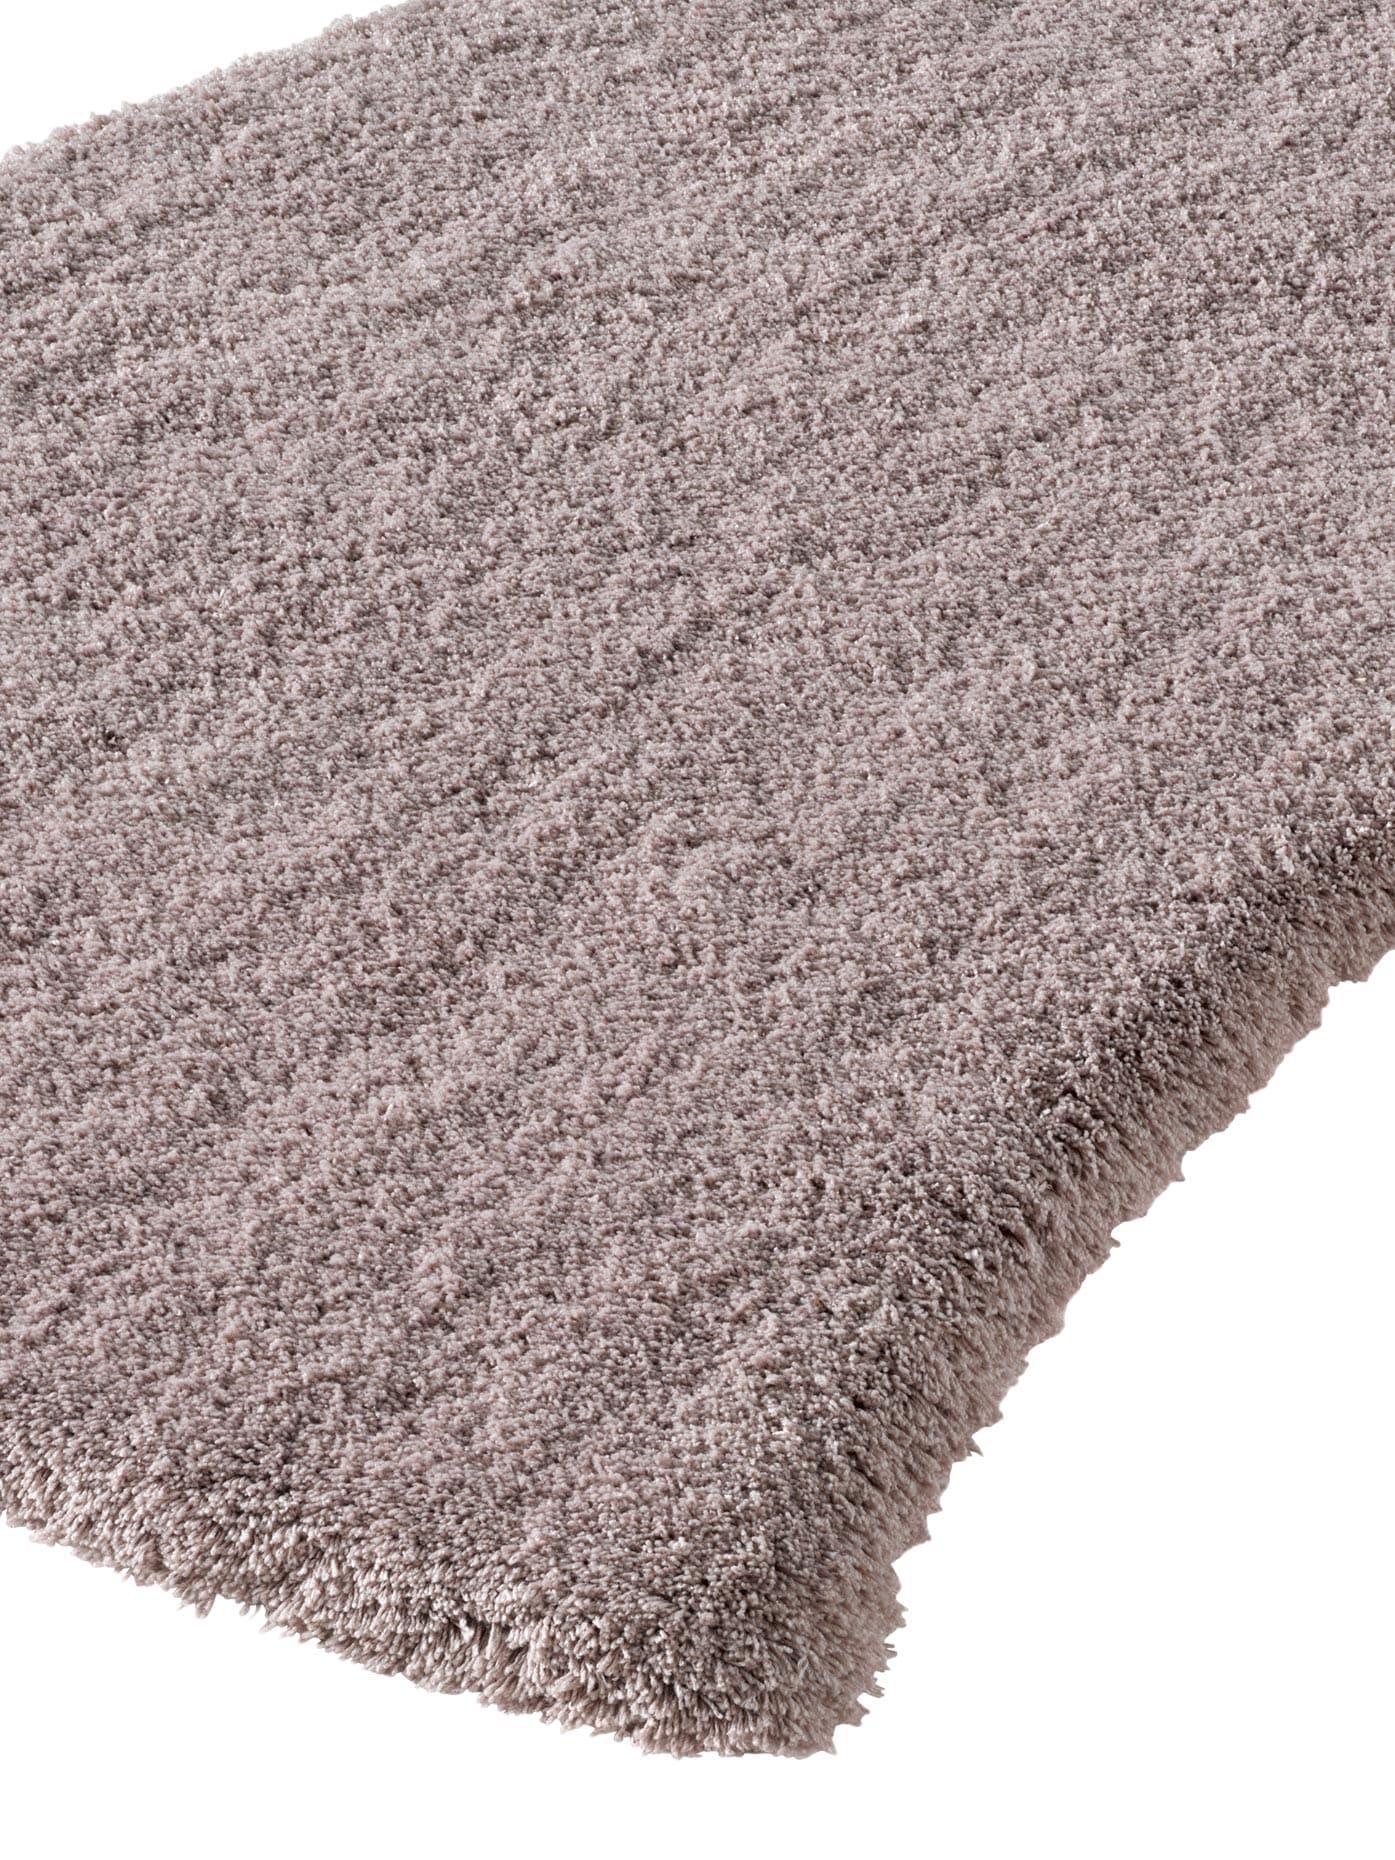 heine home Teppich, rechteckig, 25 mm Höhe braun Teppich Shaggy-Teppiche Hochflor-Teppiche Teppiche